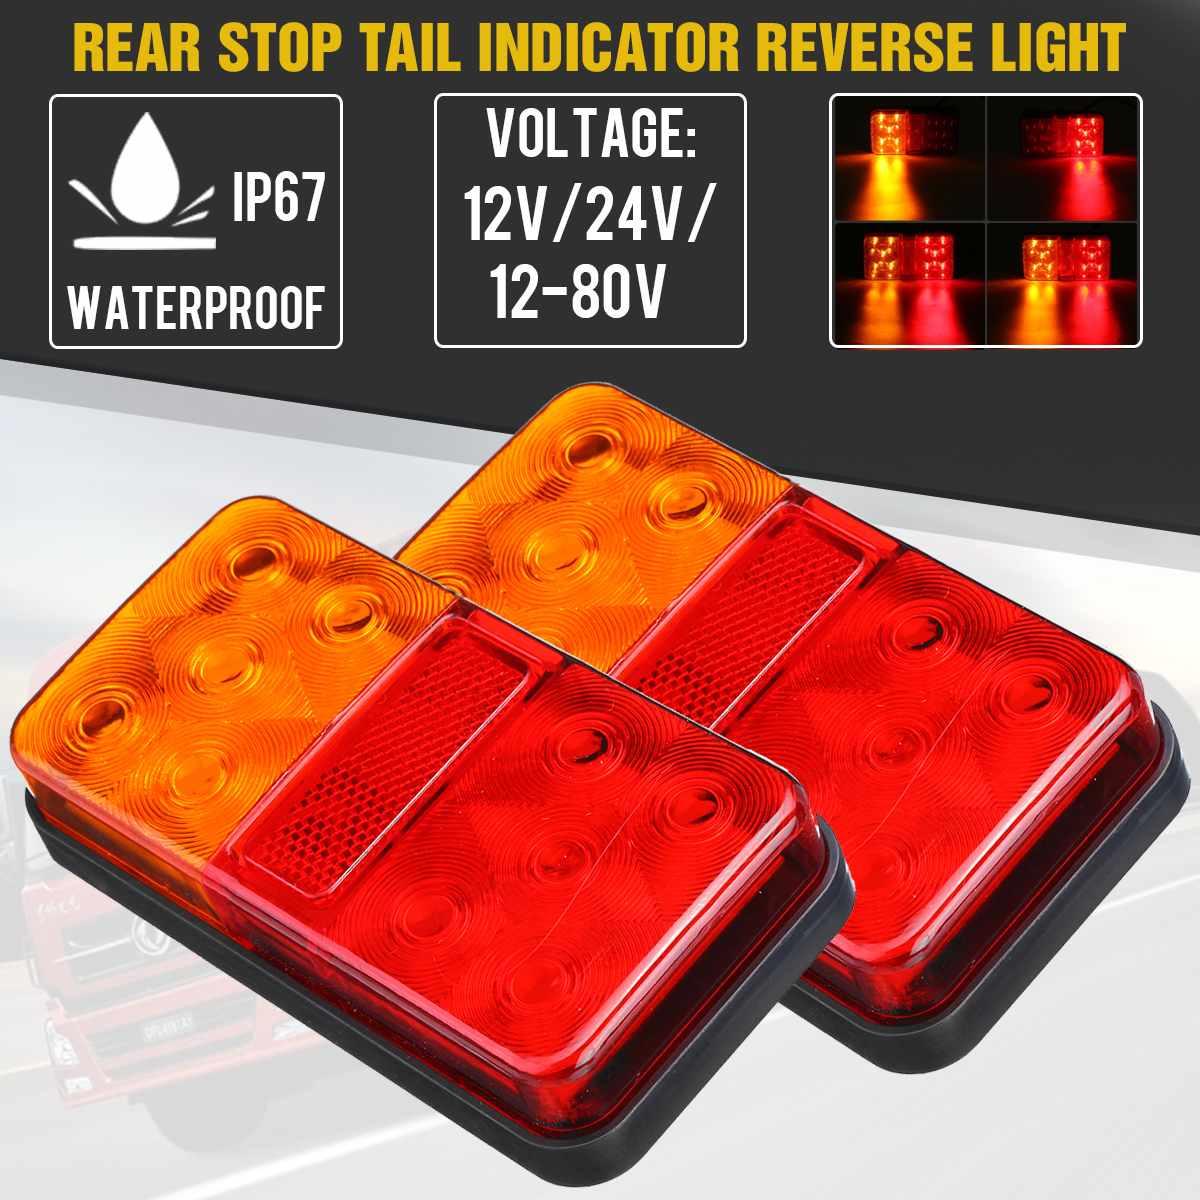 2 uds. Luz trasera LED de 12V 24V luz trasera indicador de señal de giro luz de freno trasera para coche camión remolque caravana